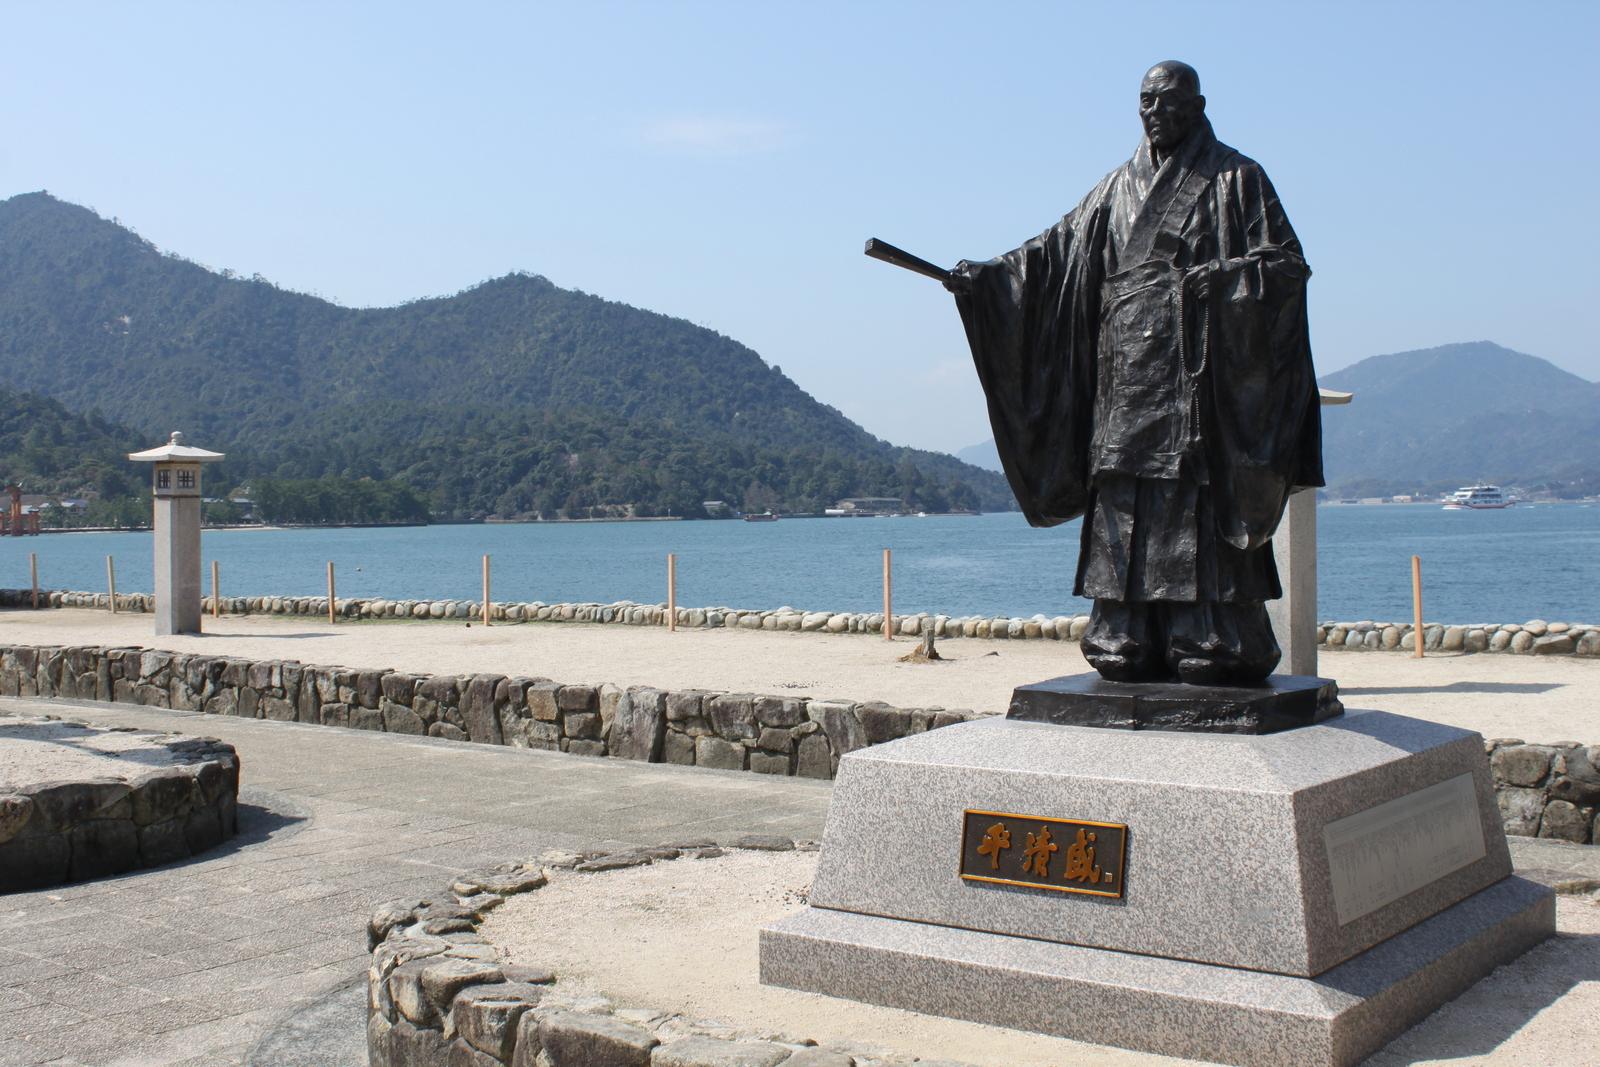 Standbild des Kyiomori Taira auf Miyajima